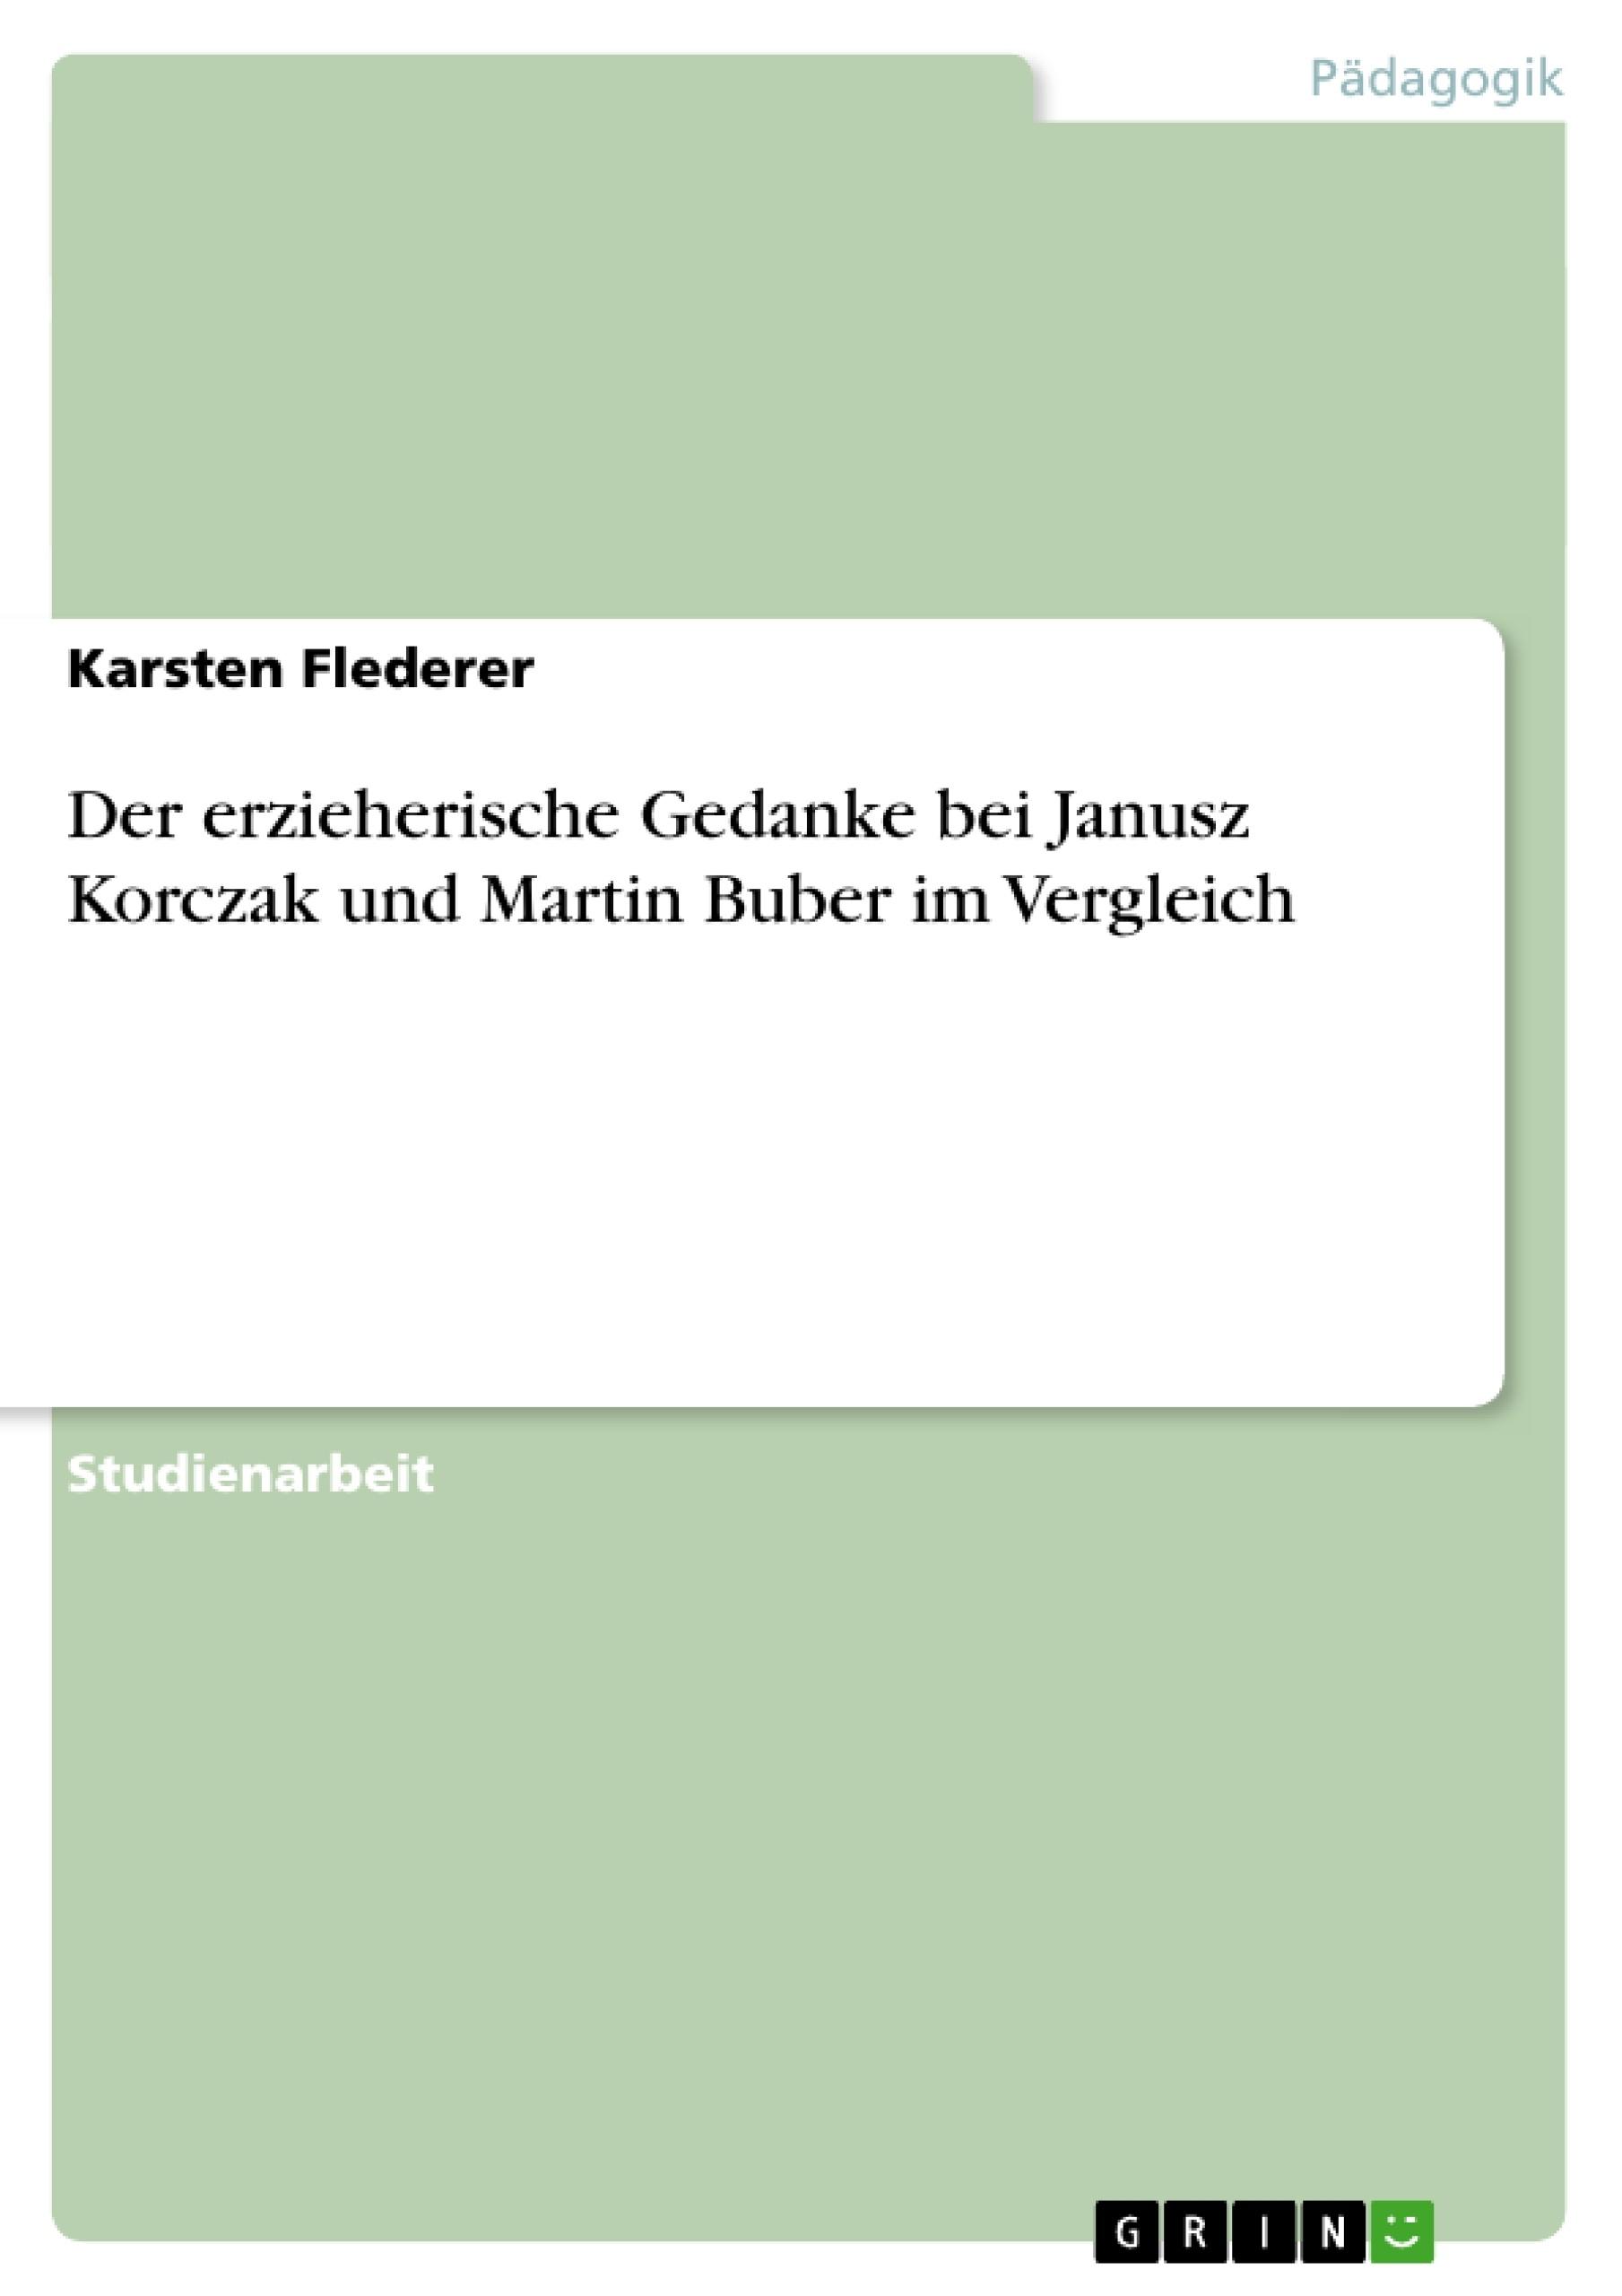 Titel: Der erzieherische Gedanke bei Janusz Korczak und Martin Buber im Vergleich